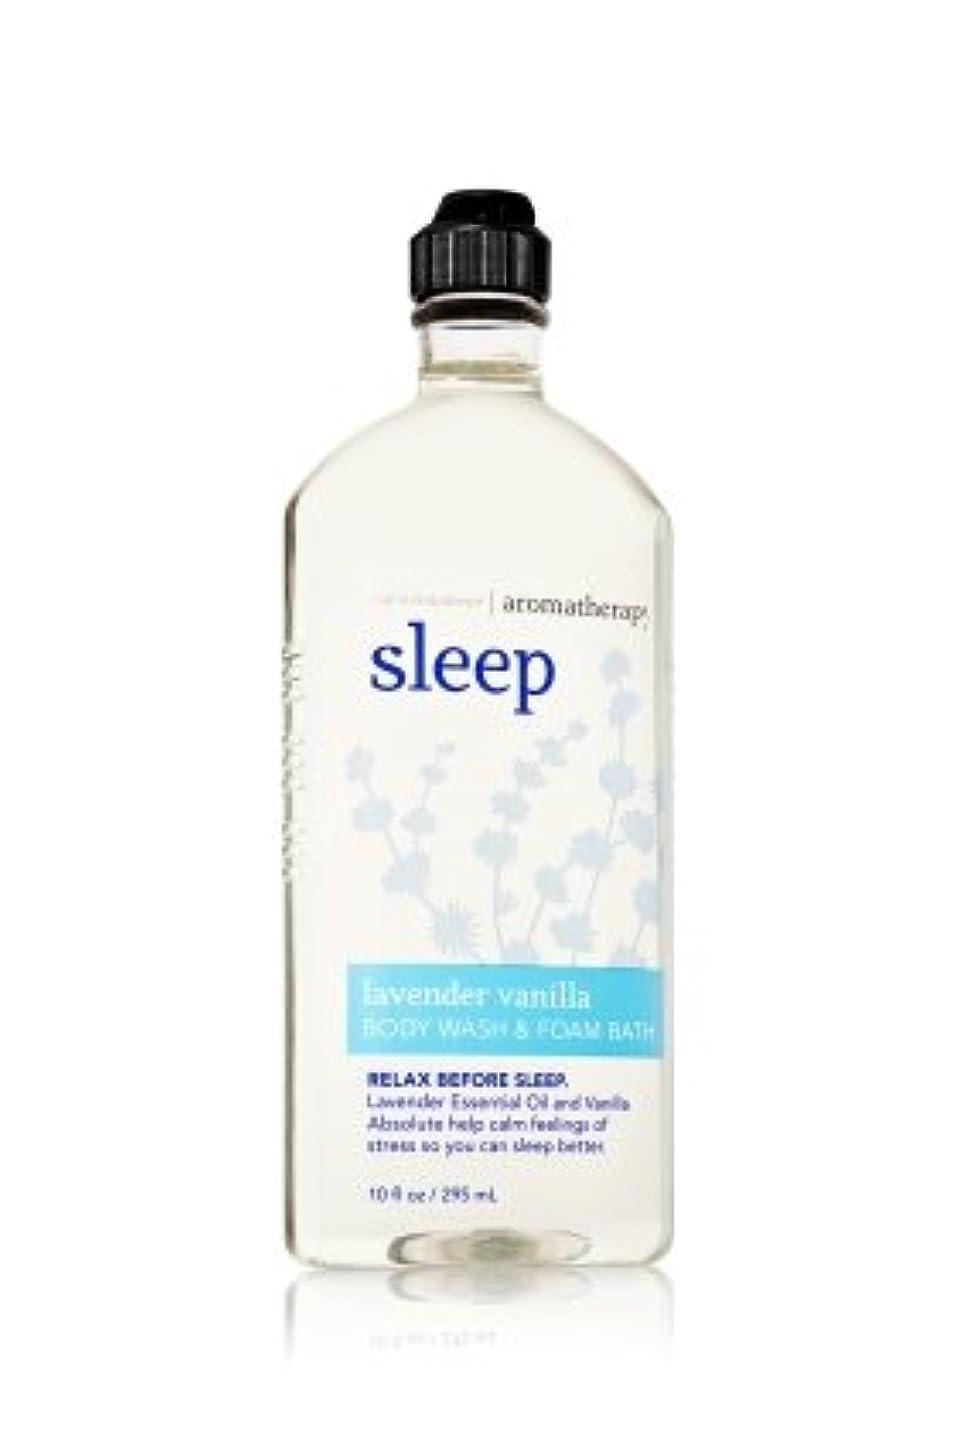 可能気づく下にバス&ボディワークス アロマセラピー スリープ ラベンダーバニラ ボディウォッシュ&フォームバス  Aromatherapy Sleep Lavender Vanilla Body Wash & Foam Bath [海外直送品]